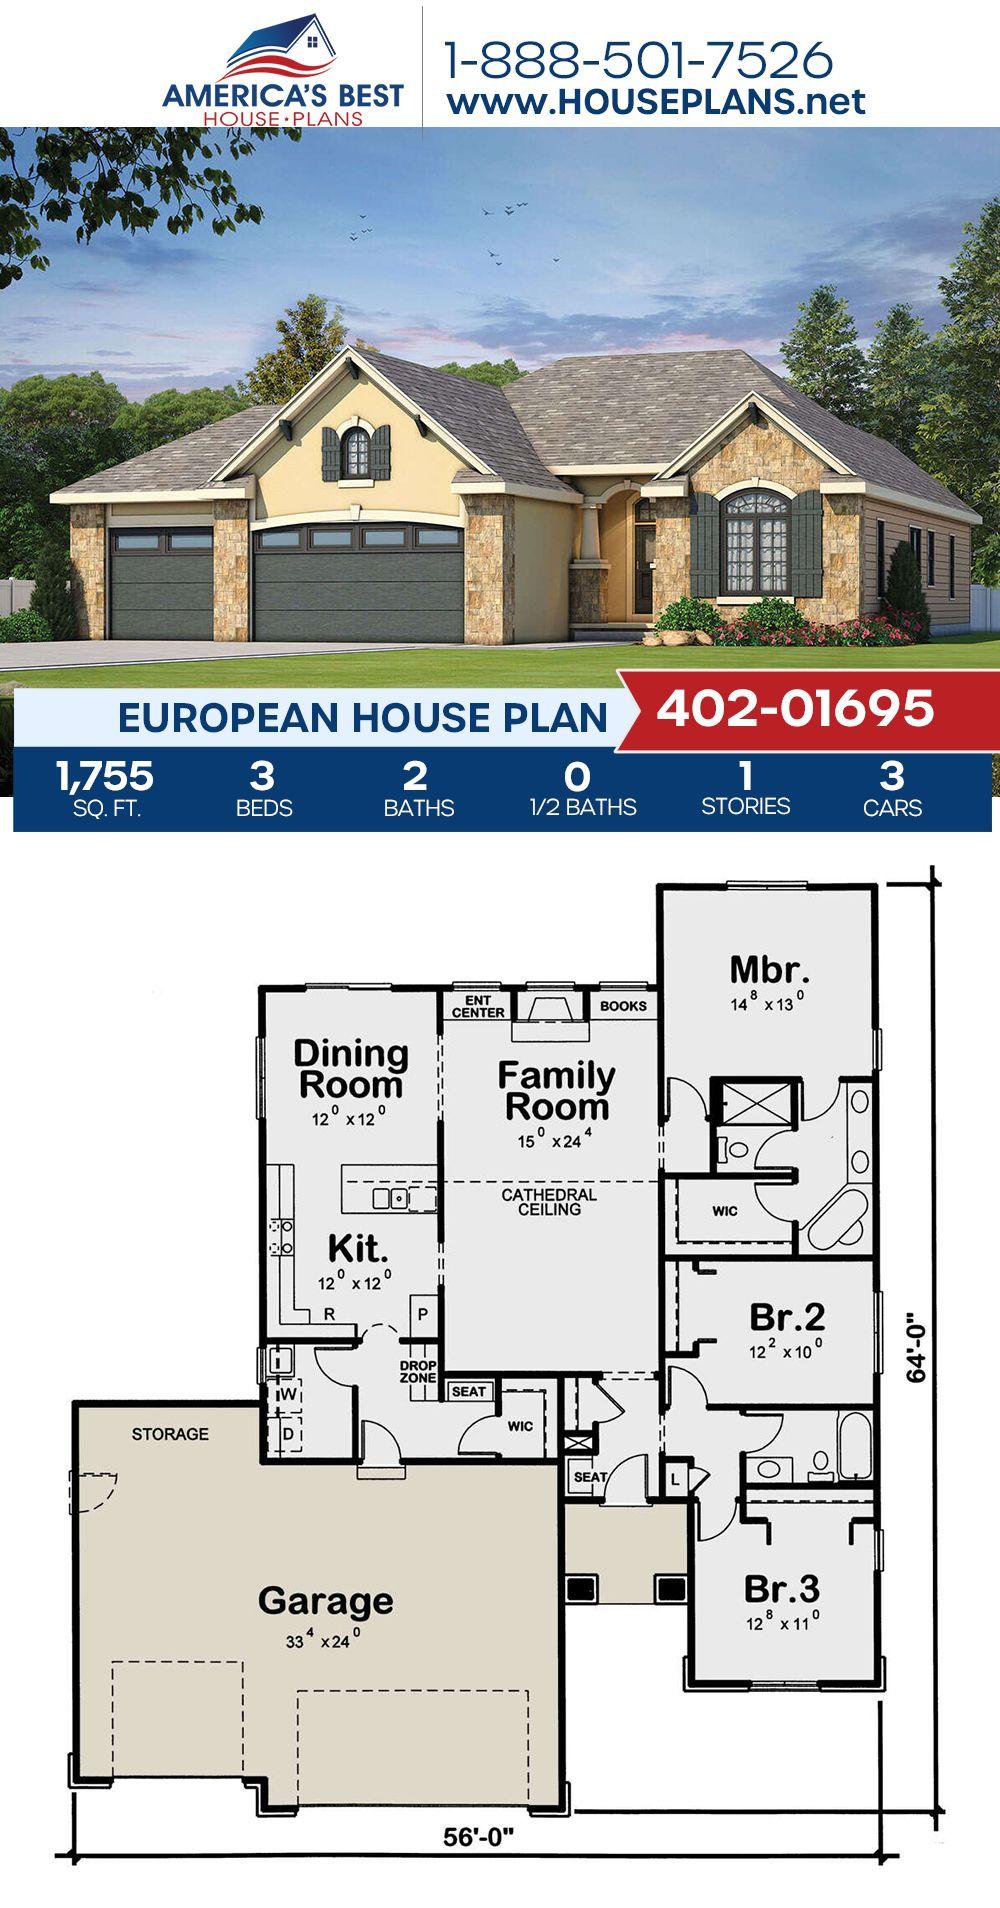 House Plan 402 01695 European Plan 1 755 Square Feet 3 Bedrooms 2 Bathrooms In 2021 House Plans European House Plans European Plan